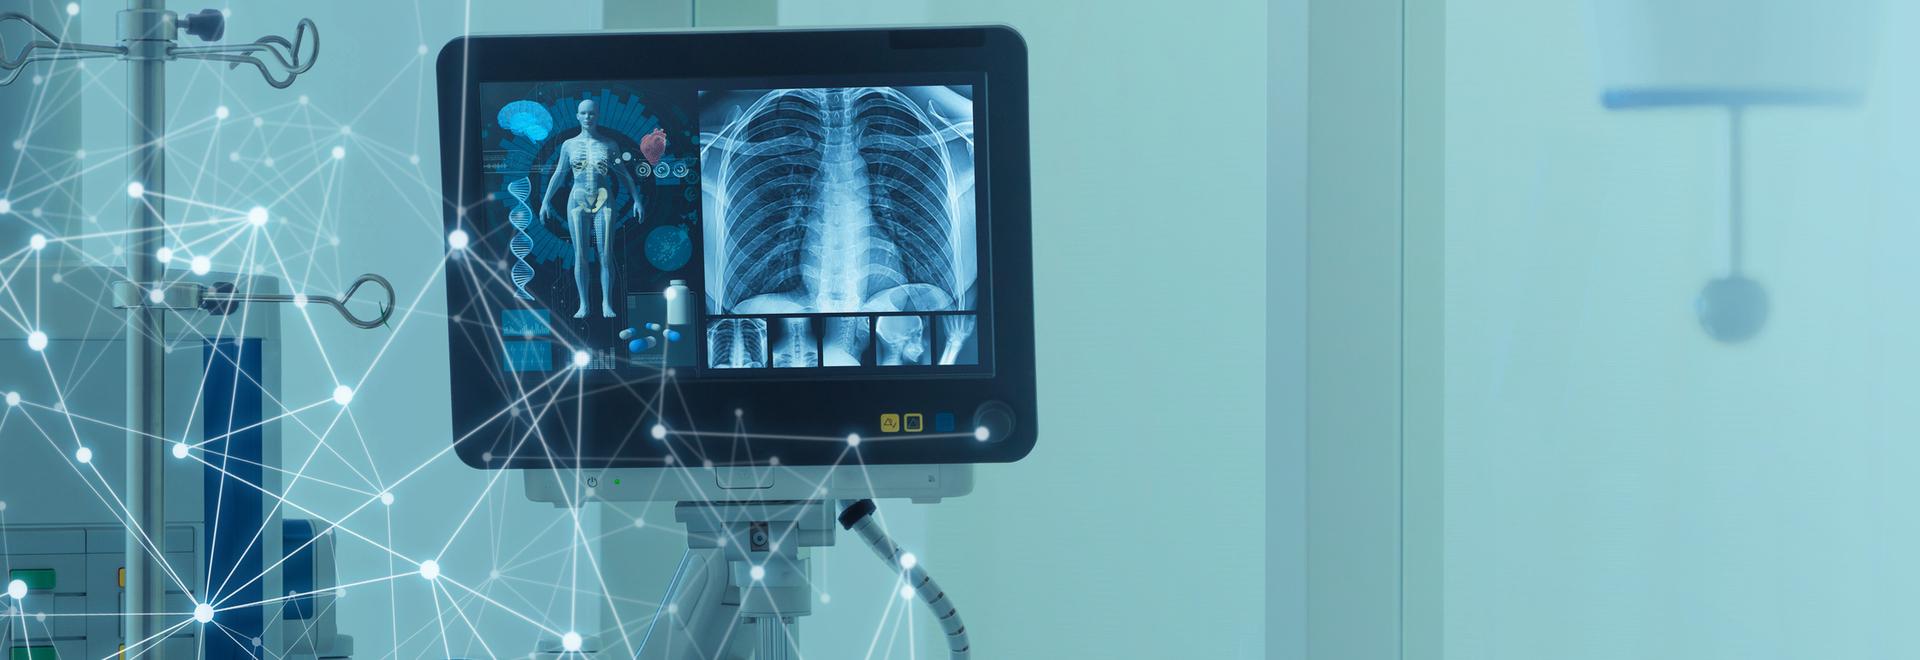 La technologie IdO peut aider les travailleurs de la santé à perdre moins de temps, selon le rapport du SOTI.